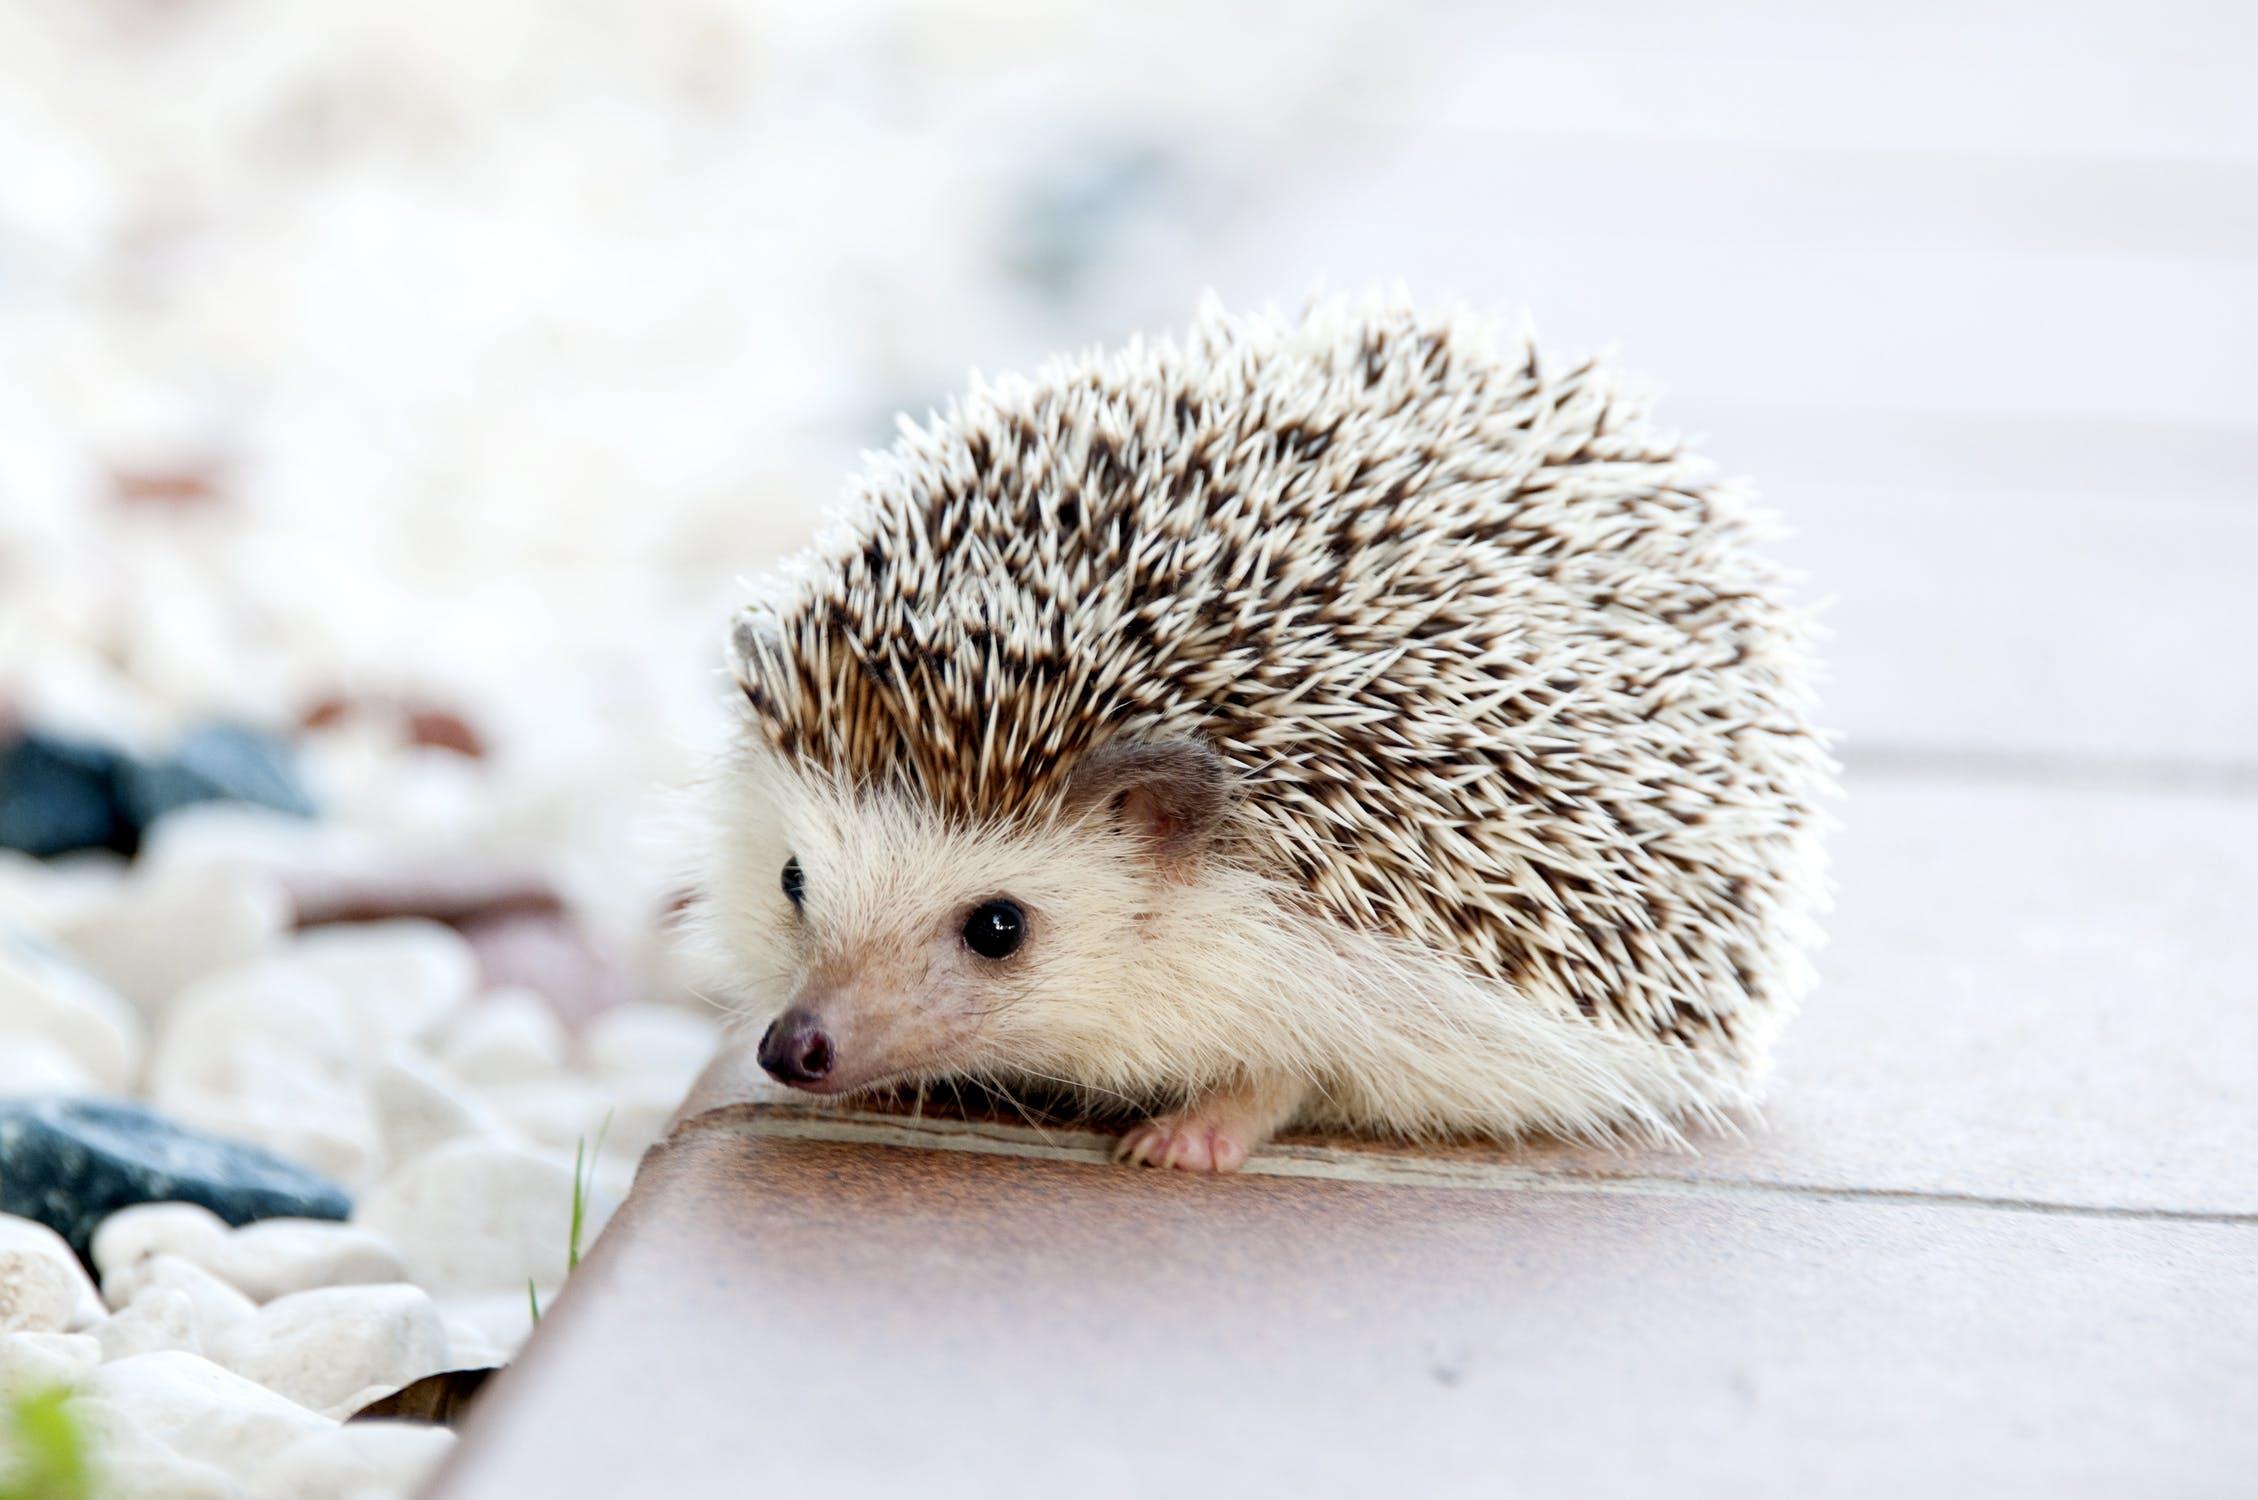 cute = น่ารัก